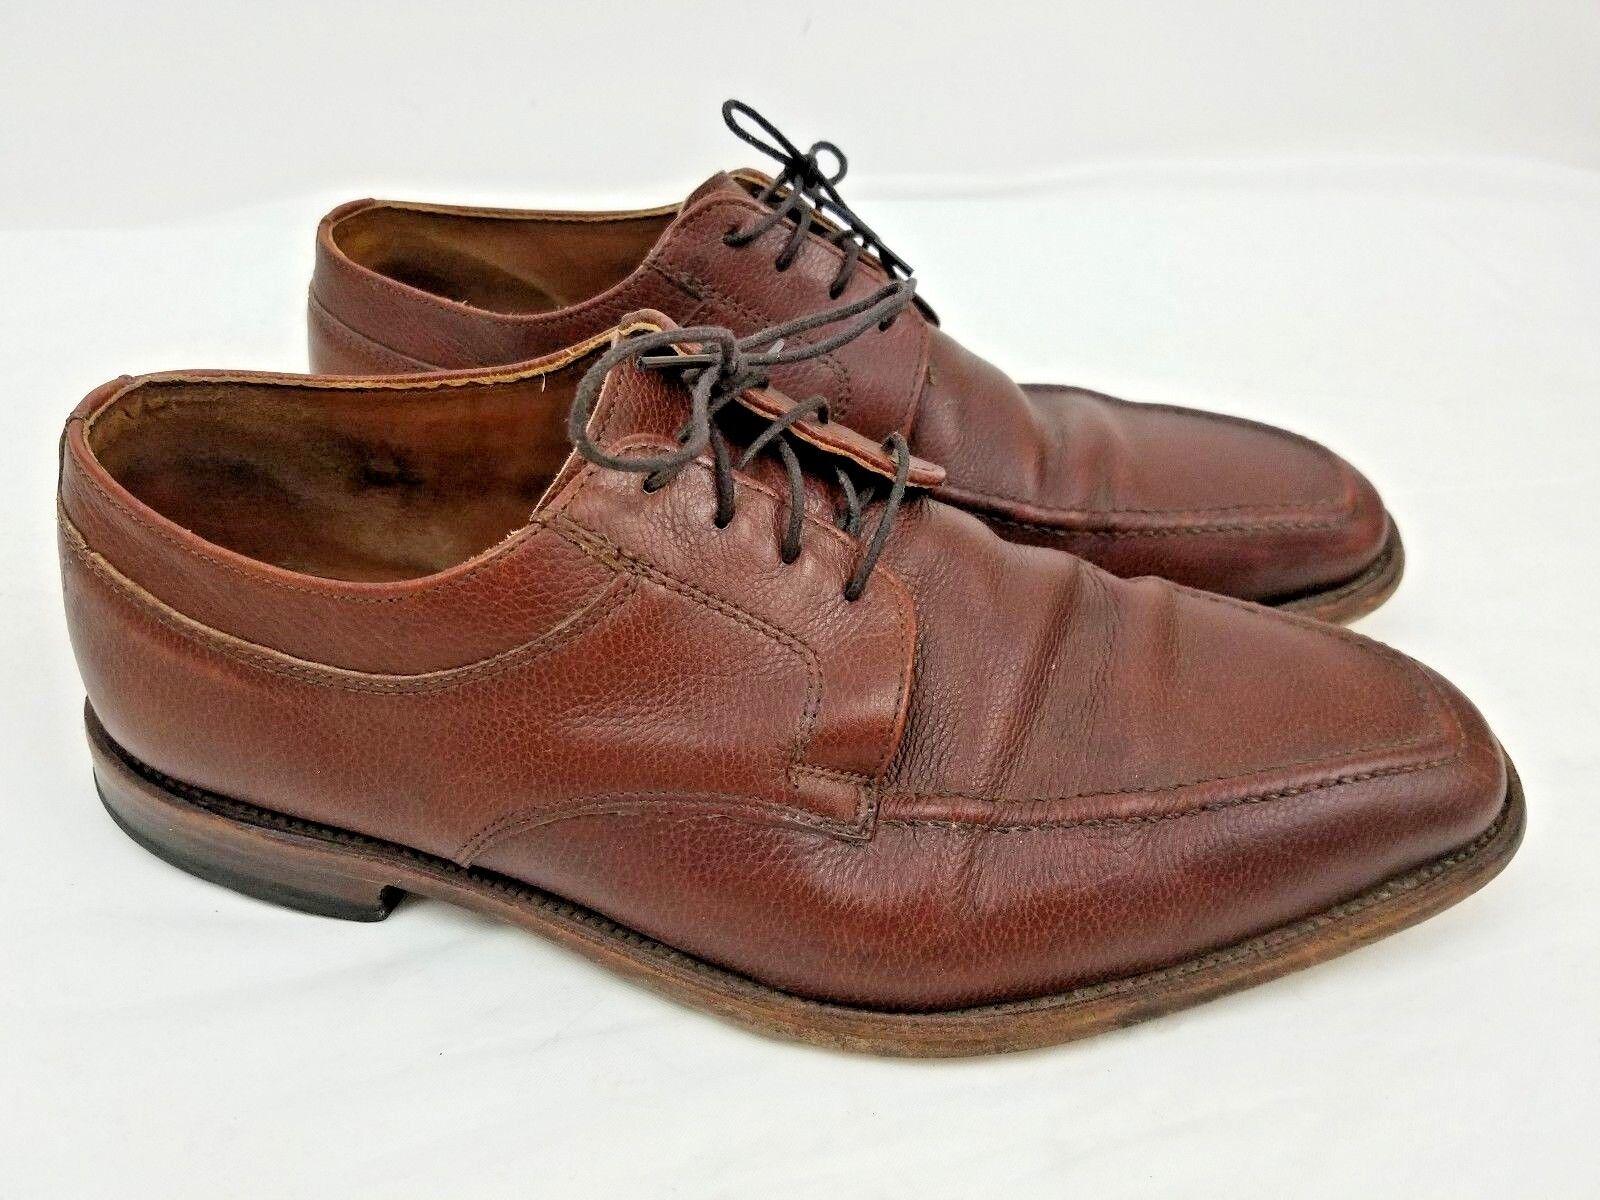 Allen Edmonds Jackson Brown Leather Oxford Men's shoes Size 11